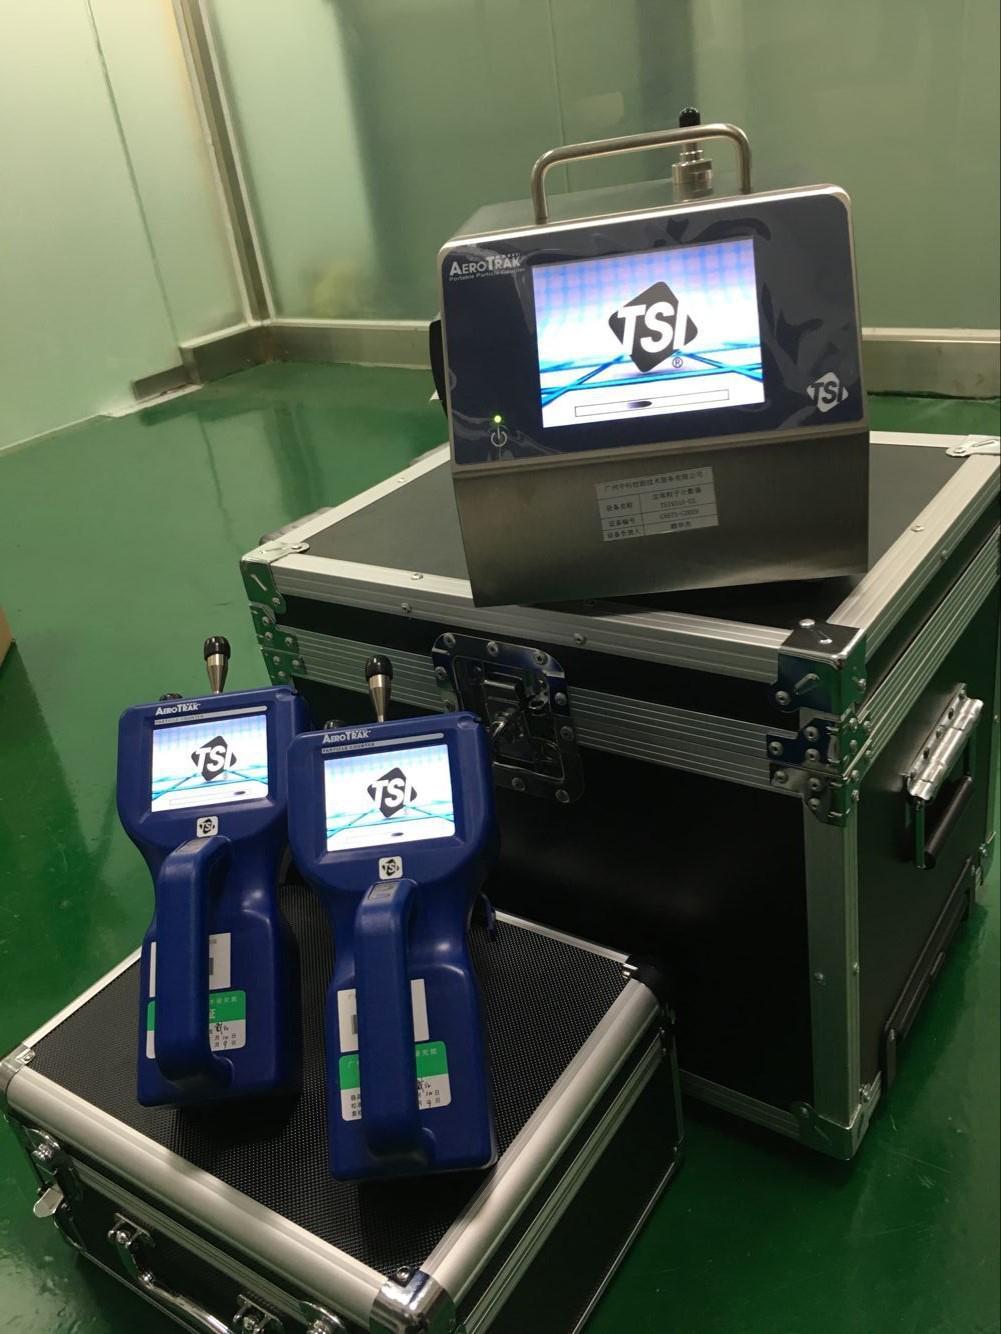 深圳醫院污水檢測機構 出具規范化檢測報告